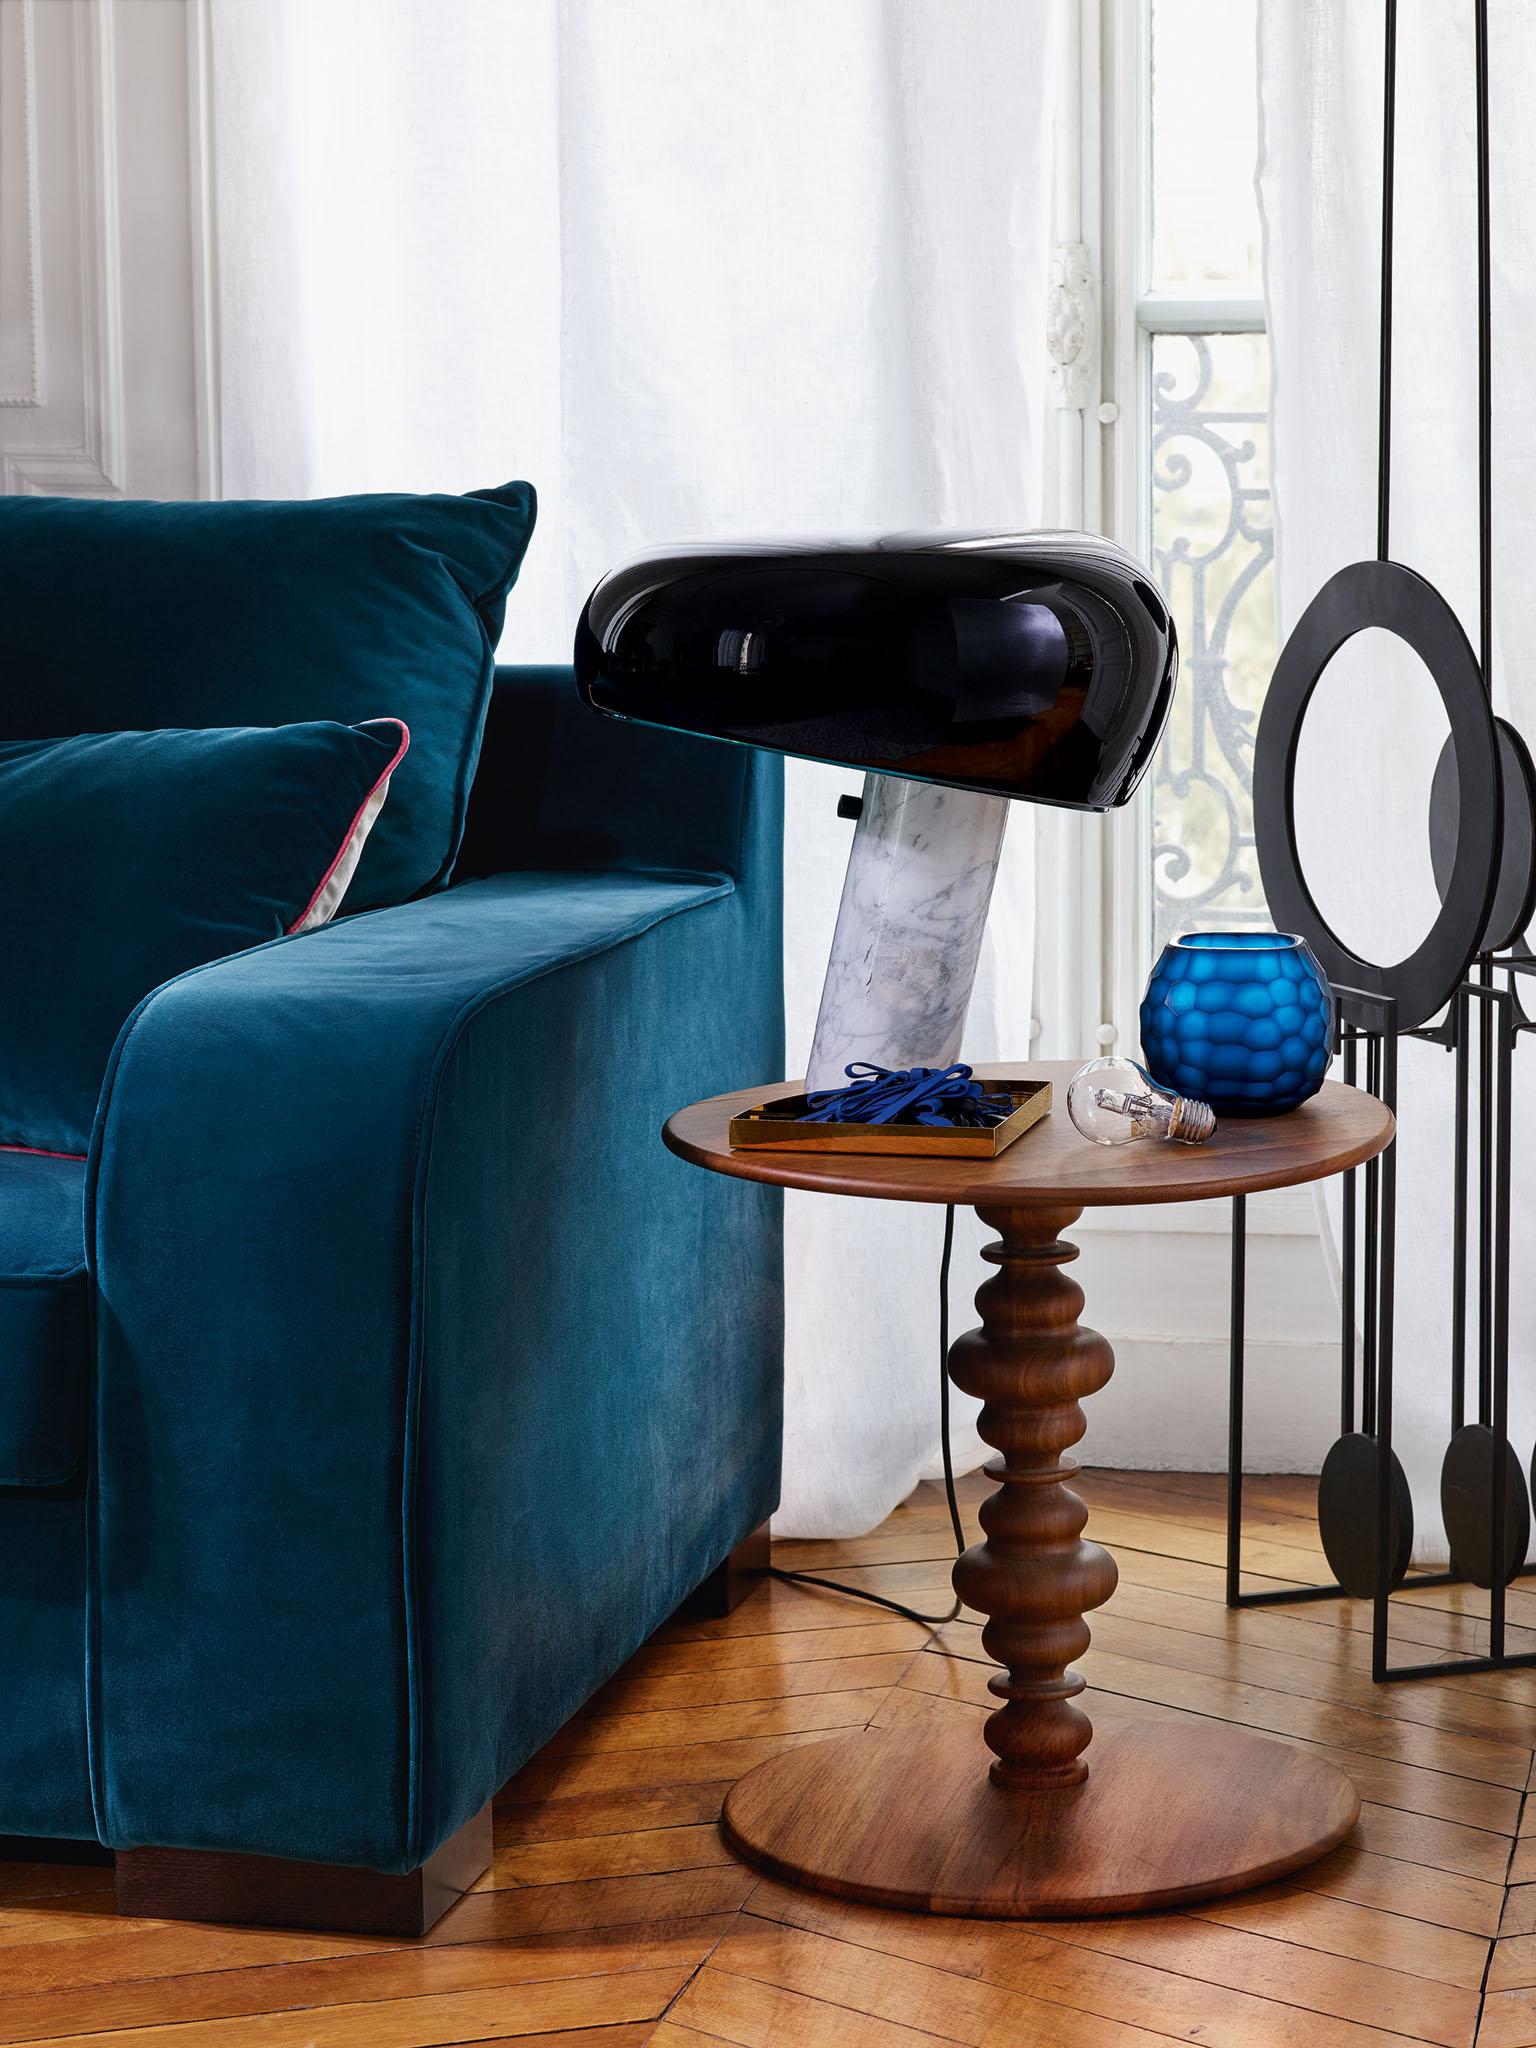 PRINTEMPS Catalogue Maison 2017 Déco Décoration Design Icône Mobilier Printemps Haussmann Sarah Lavoine Floss Cinna CFOC